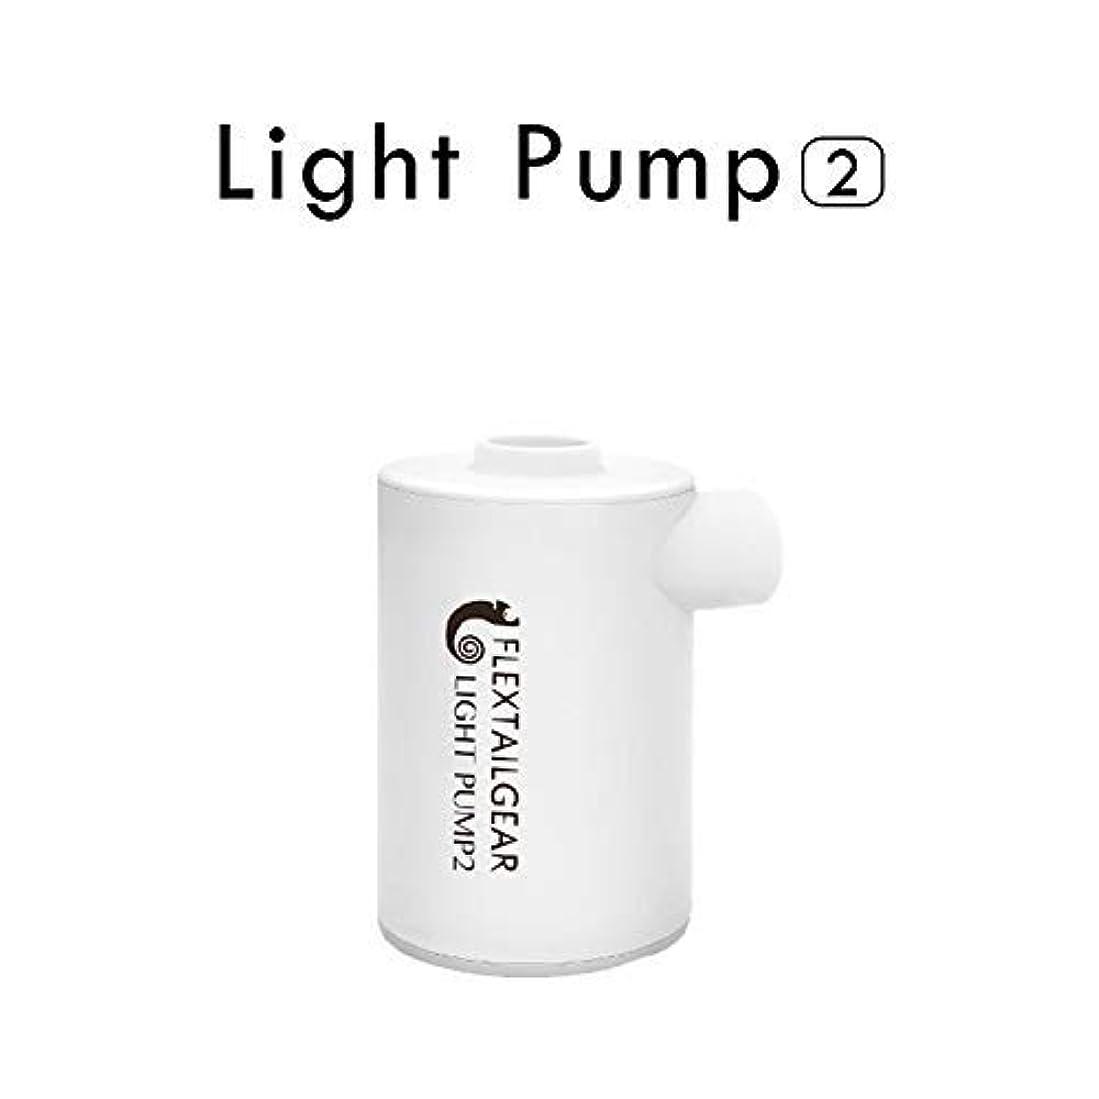 電極大人ラインXiton 電動ポンプ 空気入れ 空気抜き両対応 エアーポンプ ミニポータブル 空気ポンプ 3600mAh USB充電式エアーポンプ エアベッド用、水泳プール、浮き輪などに